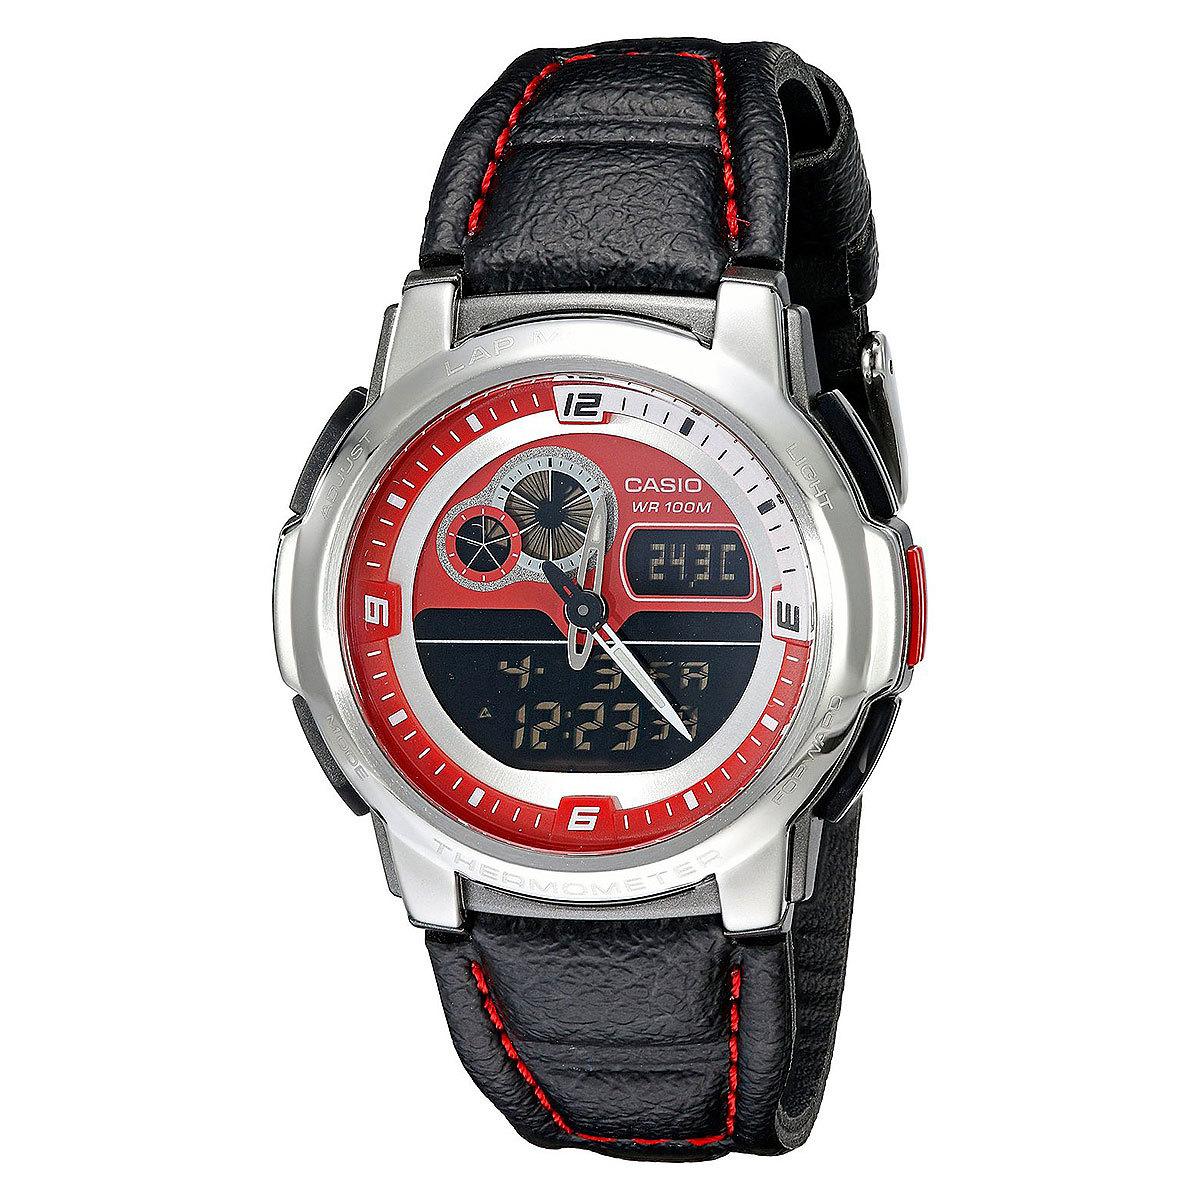 Casio Collection AQF-102WL-4B / AQF-102WL-4BER - мужские наручные часыCasio<br>многофункциональные наручные часы с люминисцентной подсветкой и будильником, автоматическая электролюминисцентная подсветка. благодаря электролюминесцентной панели, обеспечивающей равномерное освещение всего циферблата, облегчается считывание данных. при наклоне часов в сторону лица для считывания функция автоподсветки обеспечивает автоматическое включение электролюминесцентной подсветки. встроенный датчик температуры. отображение текущего времени в основных городах и регионах мира. секундомер с точностью показаний 1/100 сек и максимальным временем измерения - 100 минут. таймер обратного осчета. ежедневный будильник со звуковым сигналом. срок службы батареи 3 года. стекло имеет сферическую поверхность. кожаный ремешок. размер корпуса 42х43 мм, толщина 14 мм.<br><br>Бренд: Casio<br>Модель: Casio AQF-102WL-4B<br>Артикул: AQF-102WL-4B<br>Вариант артикула: AQF-102WL-4BER<br>Коллекция: Collection<br>Подколлекция: None<br>Страна: Япония<br>Пол: мужские<br>Тип механизма: кварцевые<br>Механизм: None<br>Количество камней: None<br>Автоподзавод: None<br>Источник энергии: от батарейки<br>Срок службы элемента питания: None<br>Дисплей: стрелки + цифры<br>Цифры: арабские<br>Водозащита: WR 100<br>Противоударные: None<br>Материал корпуса: нерж. сталь + пластик<br>Материал браслета: кожа<br>Материал безеля: None<br>Стекло: пластиковое<br>Антибликовое покрытие: None<br>Цвет корпуса: None<br>Цвет браслета: None<br>Цвет циферблата: None<br>Цвет безеля: None<br>Размеры: 43x44.2x14.1 мм<br>Диаметр: None<br>Диаметр корпуса: None<br>Толщина: None<br>Ширина ремешка: None<br>Вес: None<br>Спорт-функции: секундомер, таймер обратного отсчета, термометр<br>Подсветка: дисплея<br>Вставка: None<br>Отображение даты: вечный календарь, число, месяц, год, день недели<br>Хронограф: None<br>Таймер: None<br>Термометр: None<br>Хронометр: None<br>GPS: None<br>Радиосинхронизация: None<br>Барометр: None<br>Скелетон: None<br>Дополнит